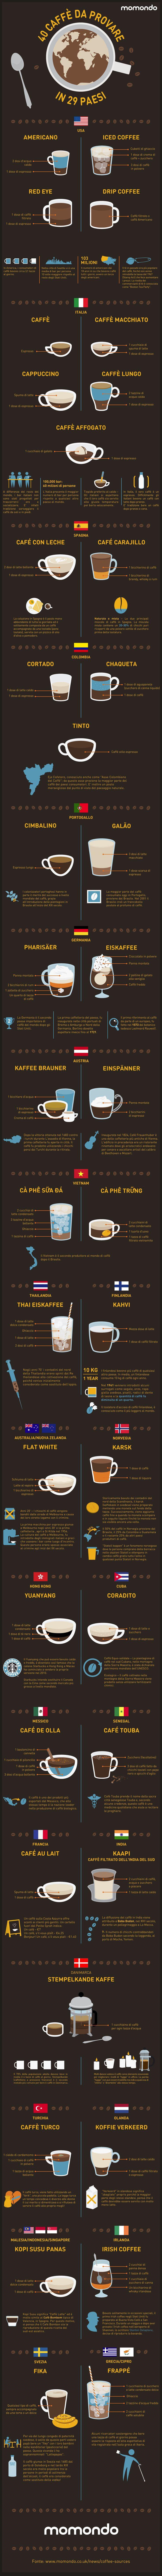 Un giro del mondo in 40 caffè: una splendida infografica racconta le diverse abitudini e ricette diffuse in ben 29 Paesi...